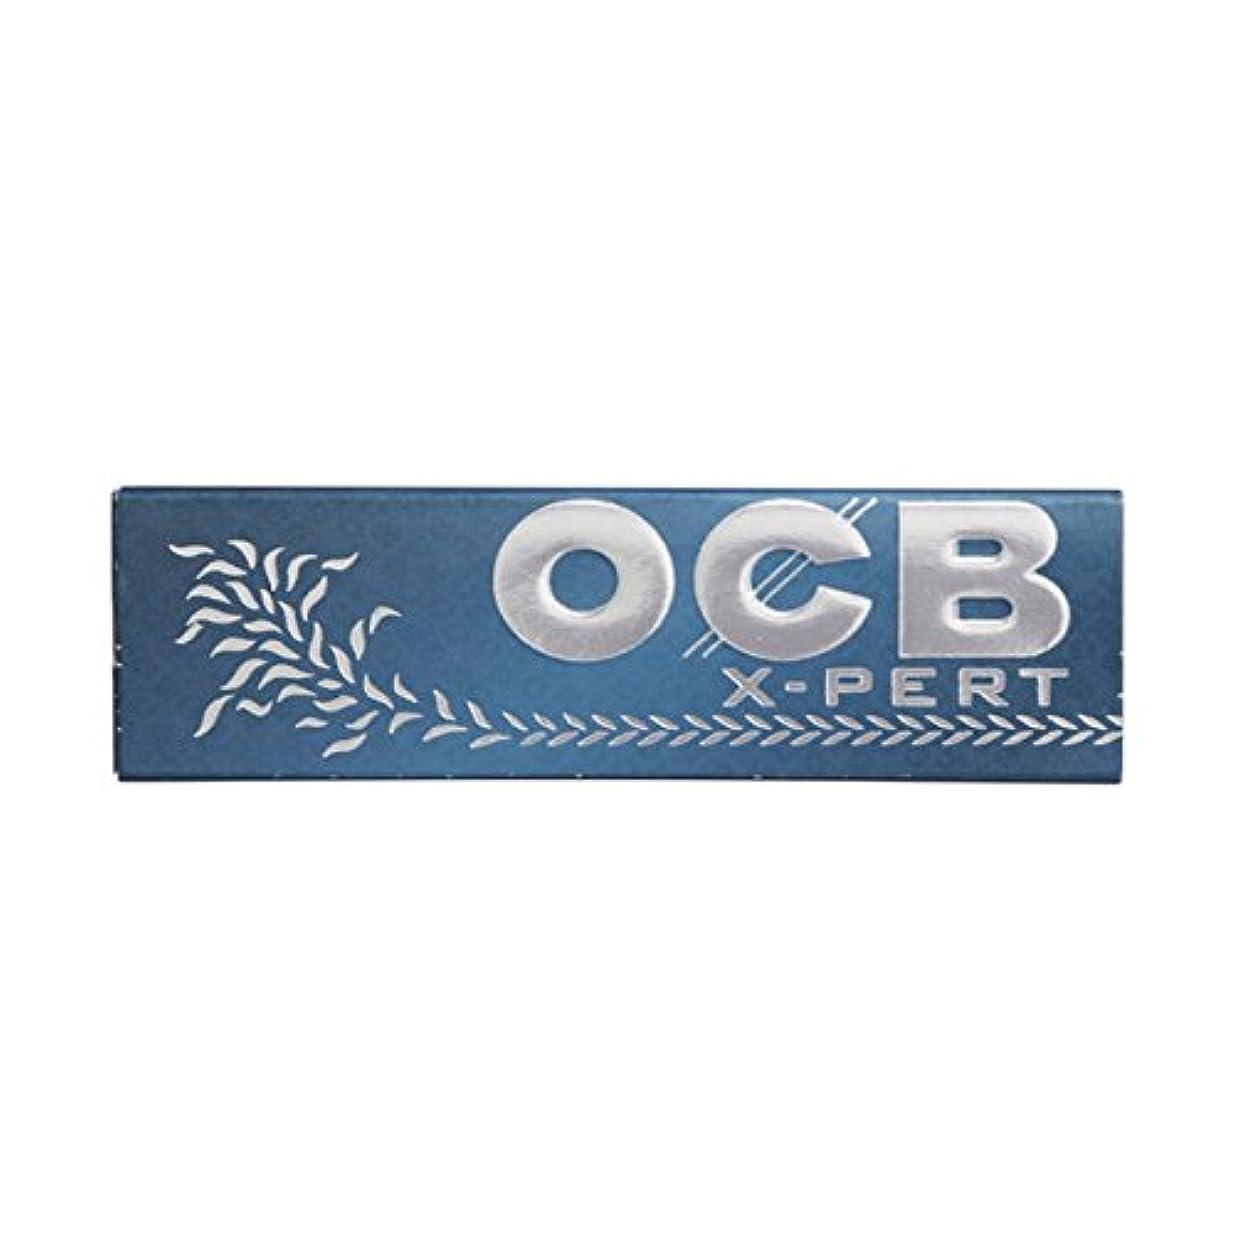 より平らなベーシック最も早い[箱買い商品] OCB(オーシービー)エクスパート シングル(70mm)ペーパー 50枚入り 1箱(50個入り) スローバーニング #78896